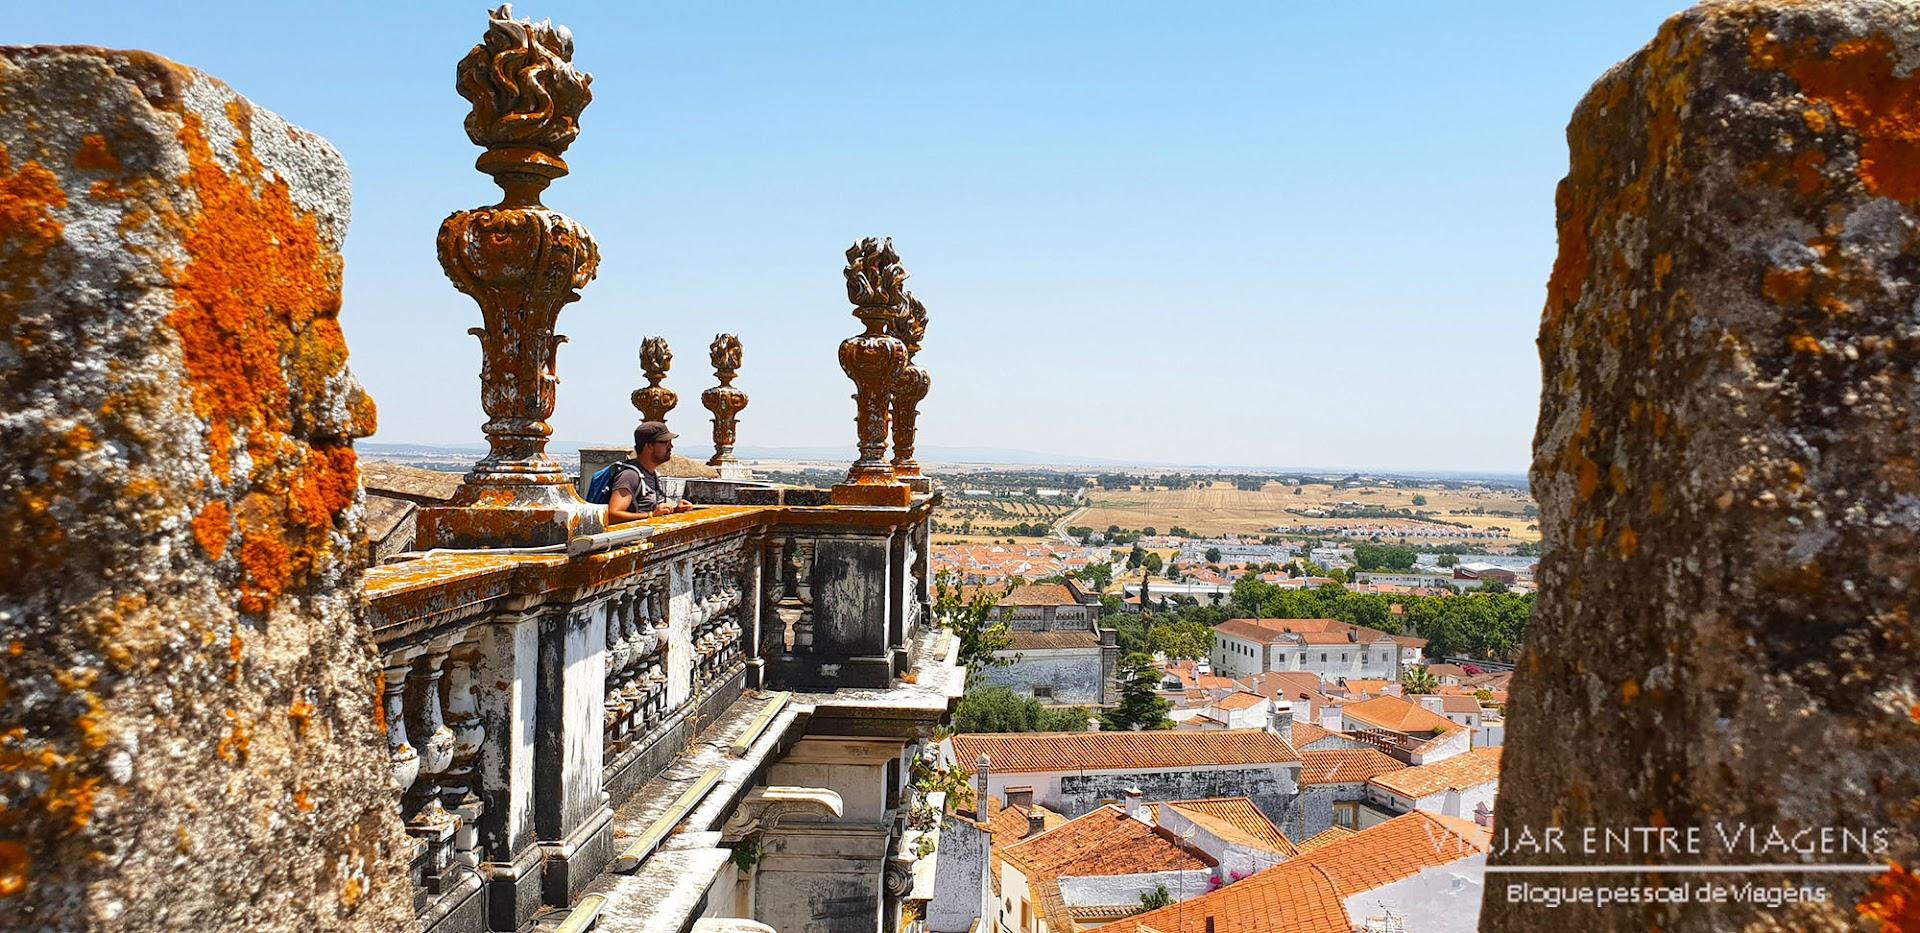 Catedral de Évora - VISITAR ÉVORA, o que ver e fazer na cidade-museu, Património Mundial da UNESCO